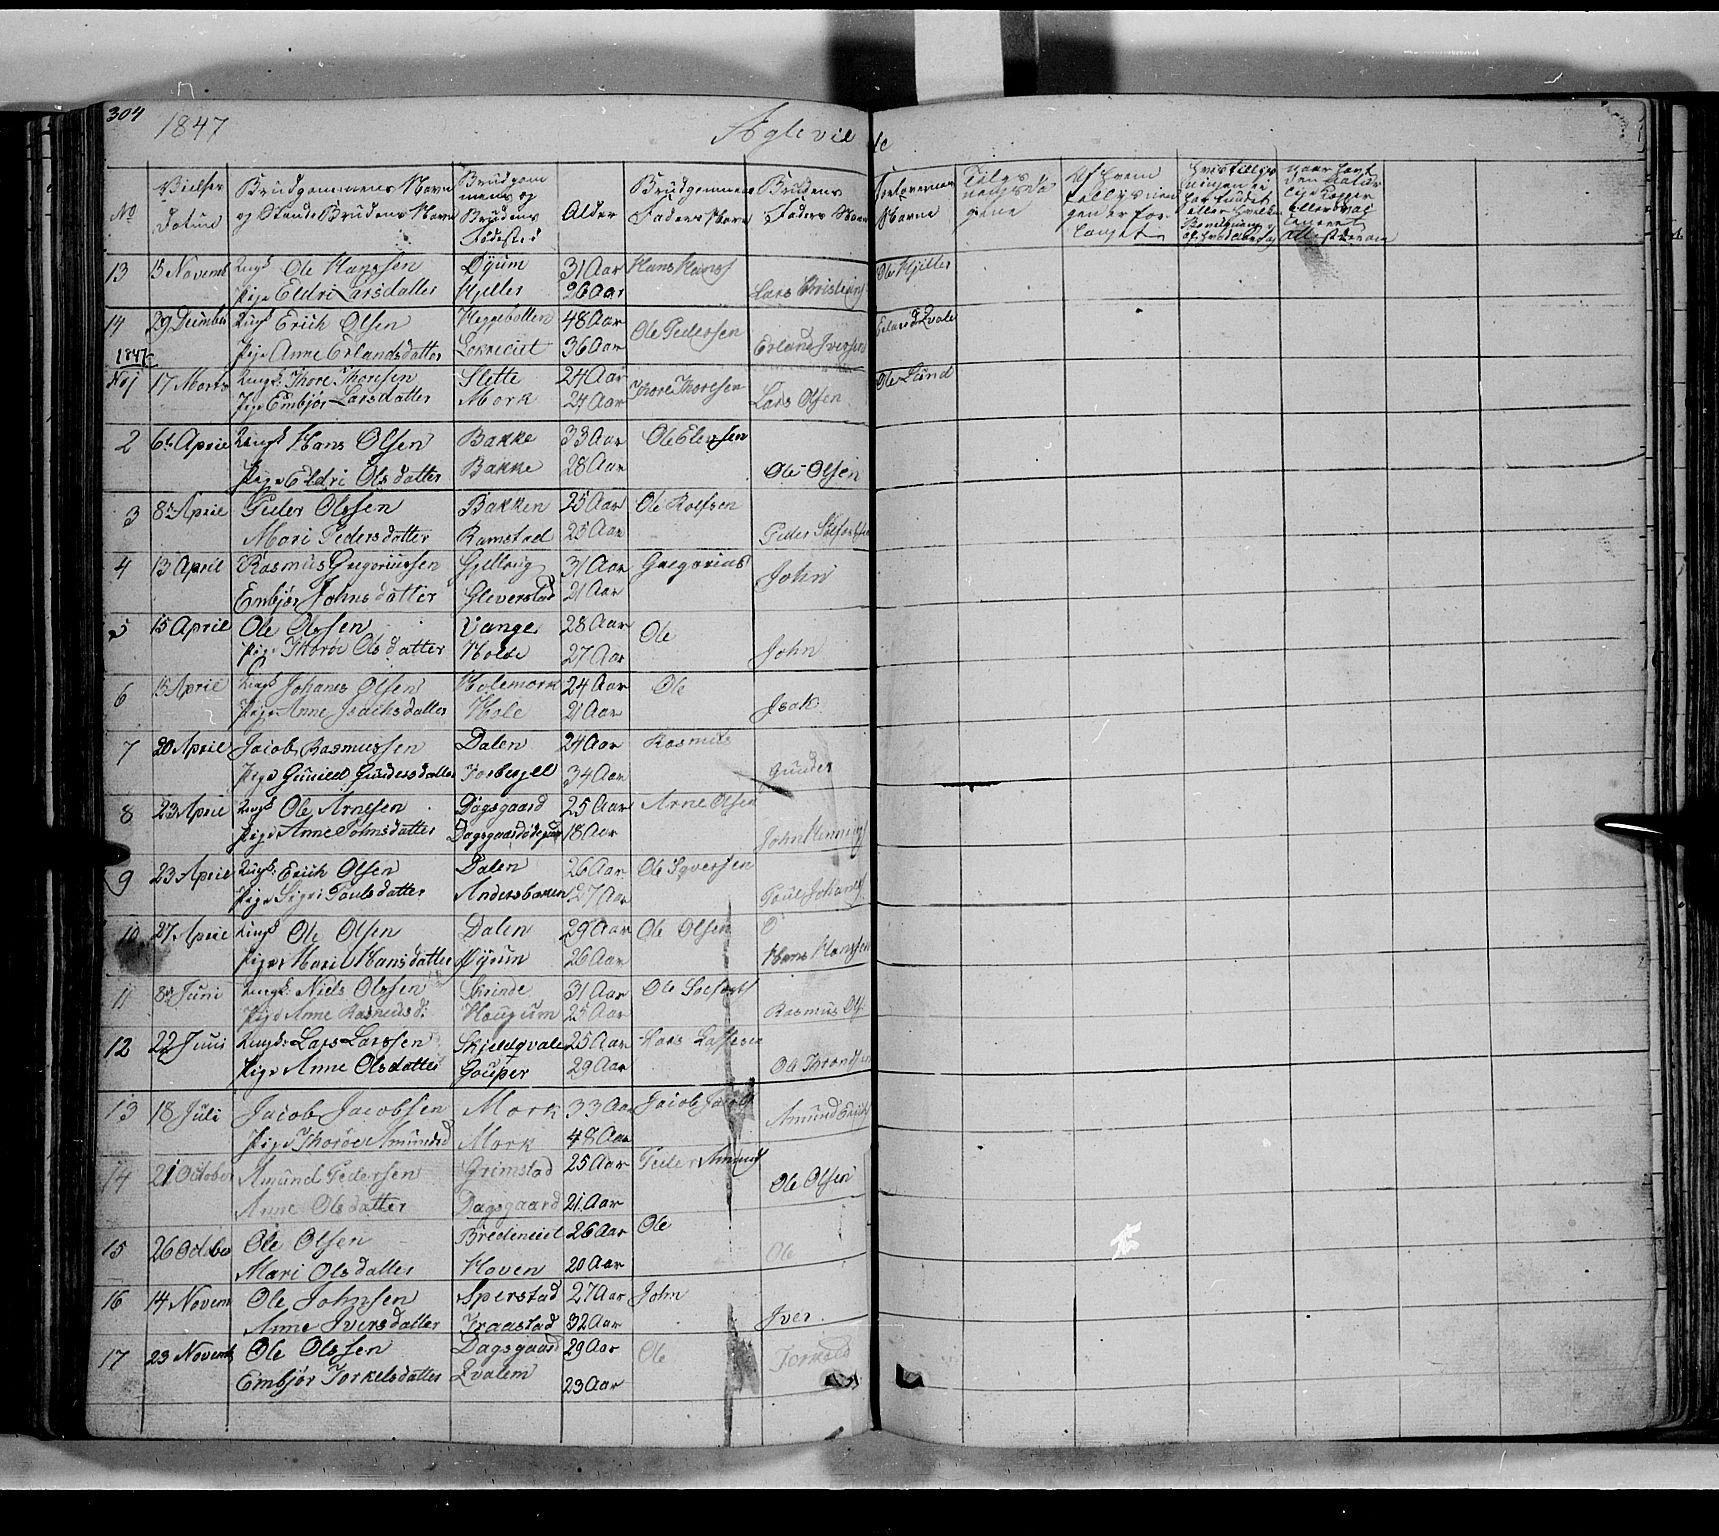 SAH, Lom prestekontor, L/L0004: Klokkerbok nr. 4, 1845-1864, s. 304-305